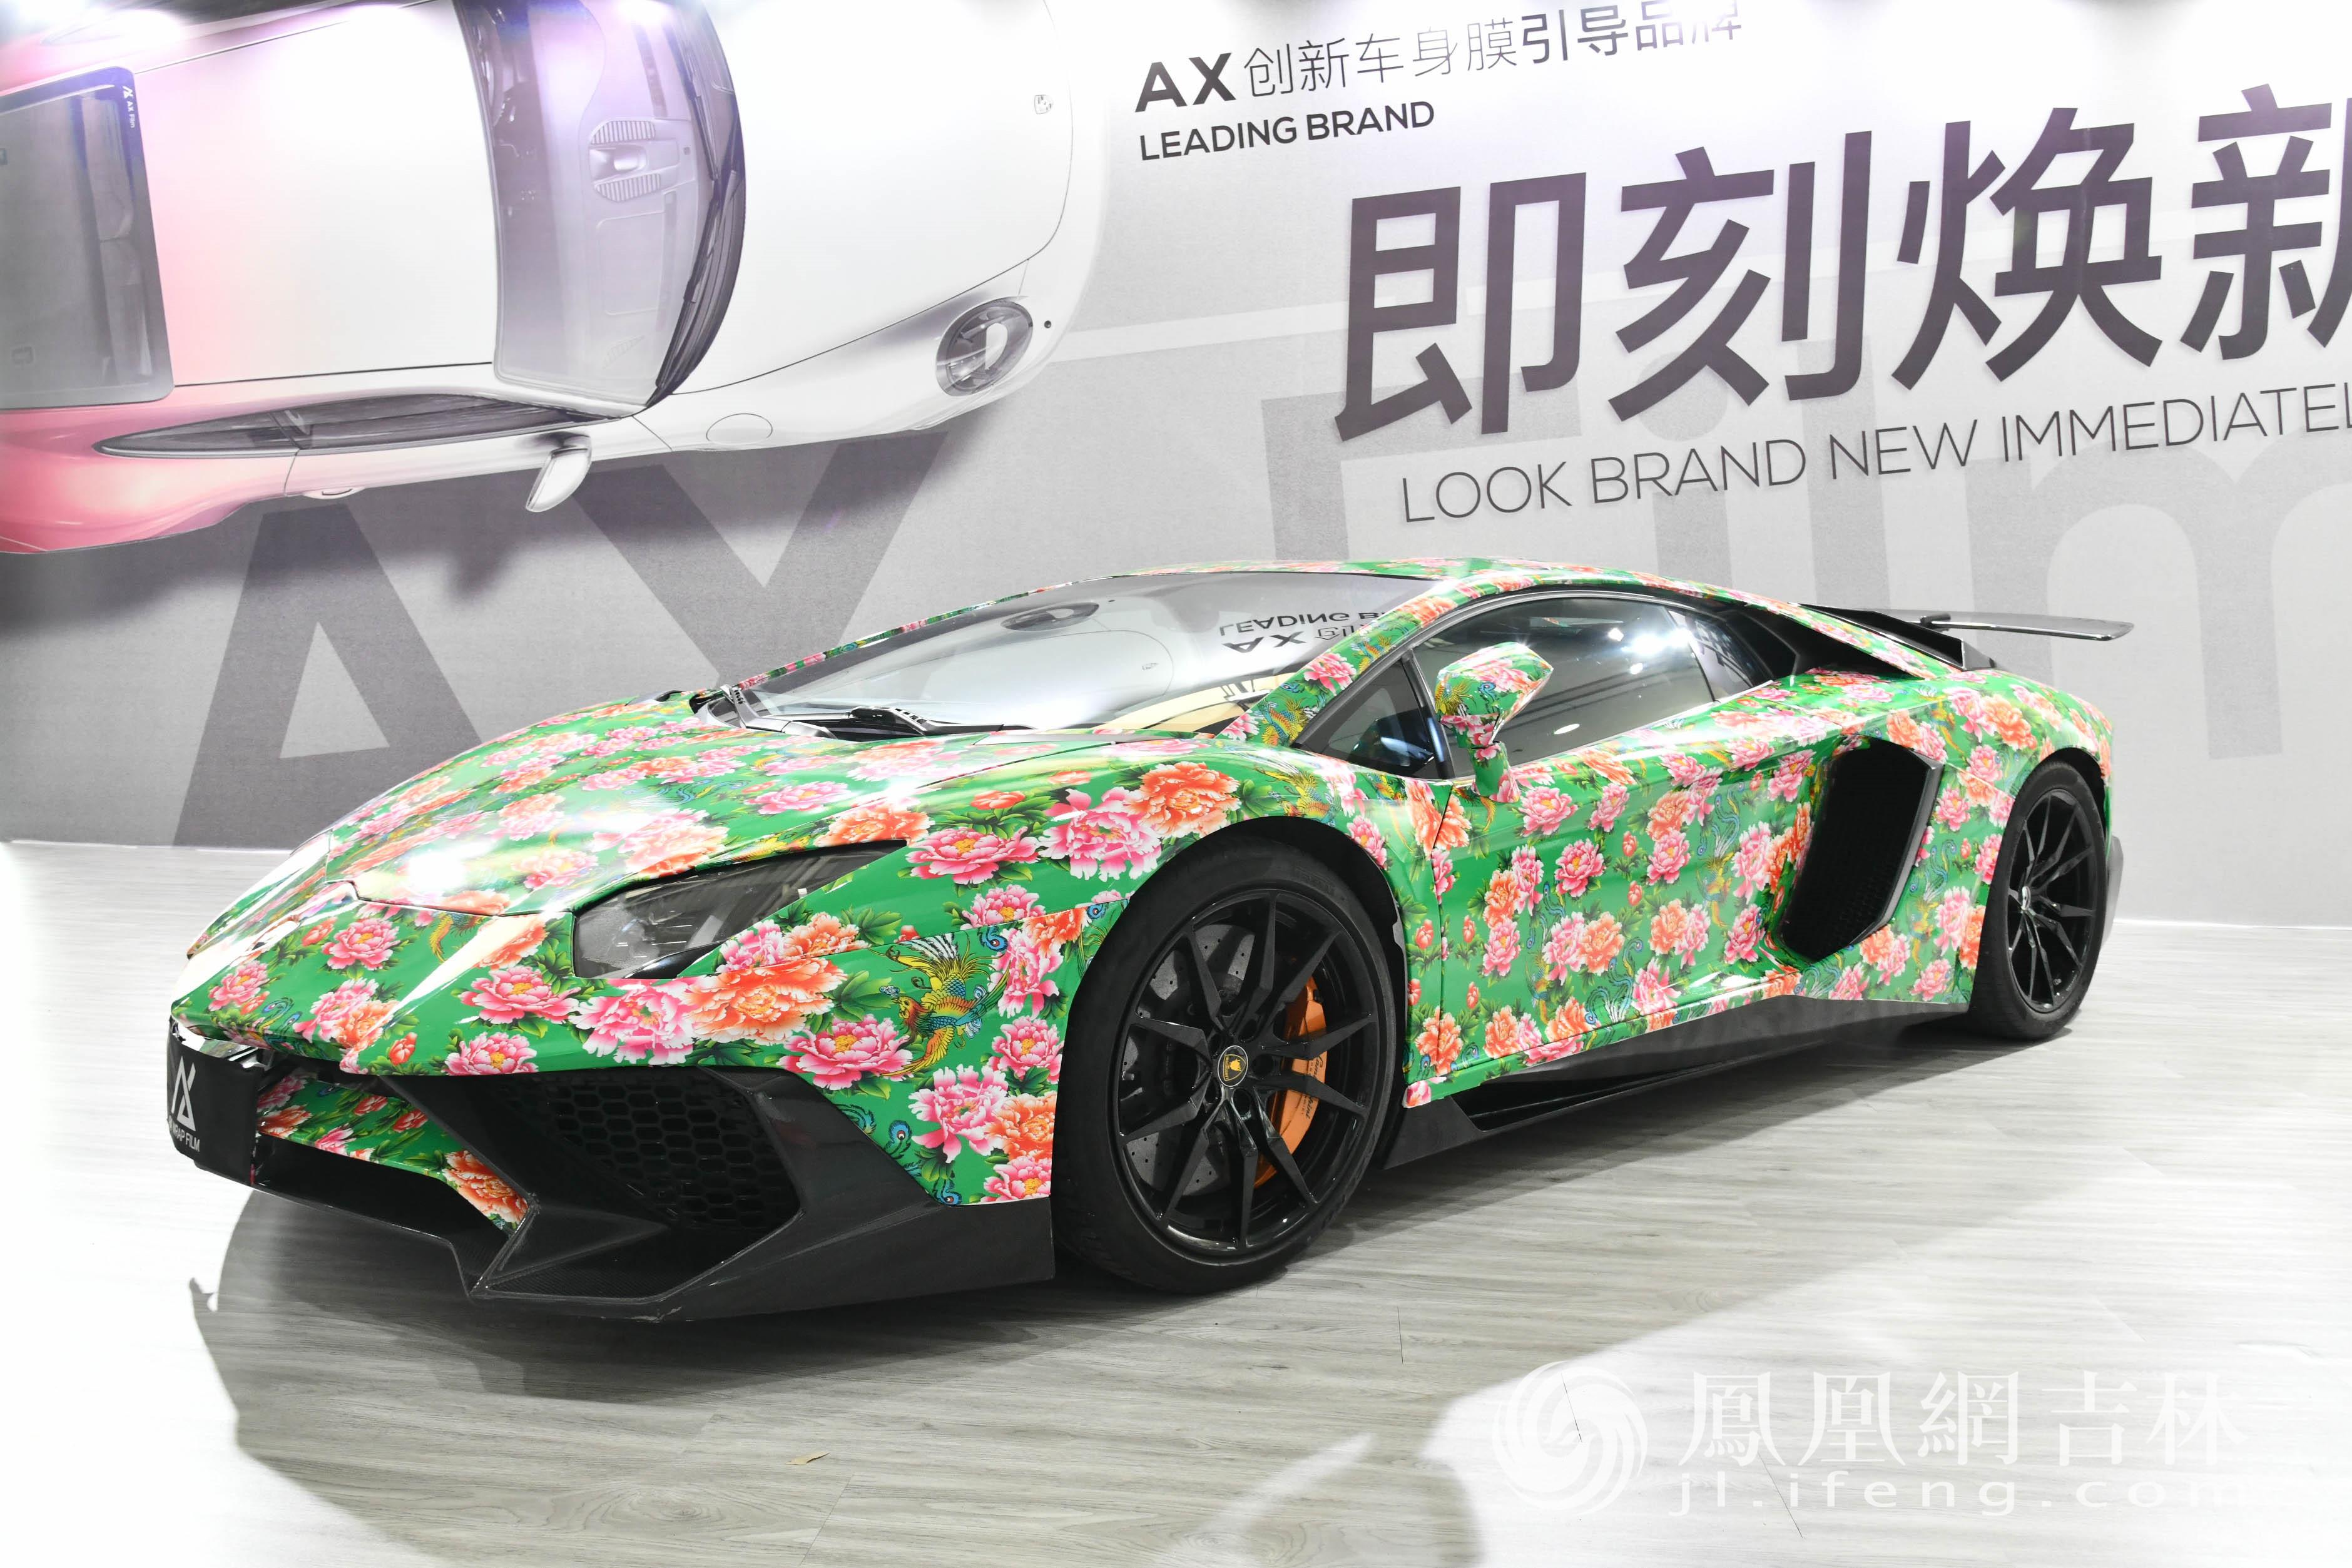 第18届中国(长春)国际汽车博览会展出的汽车。梁琪佳摄